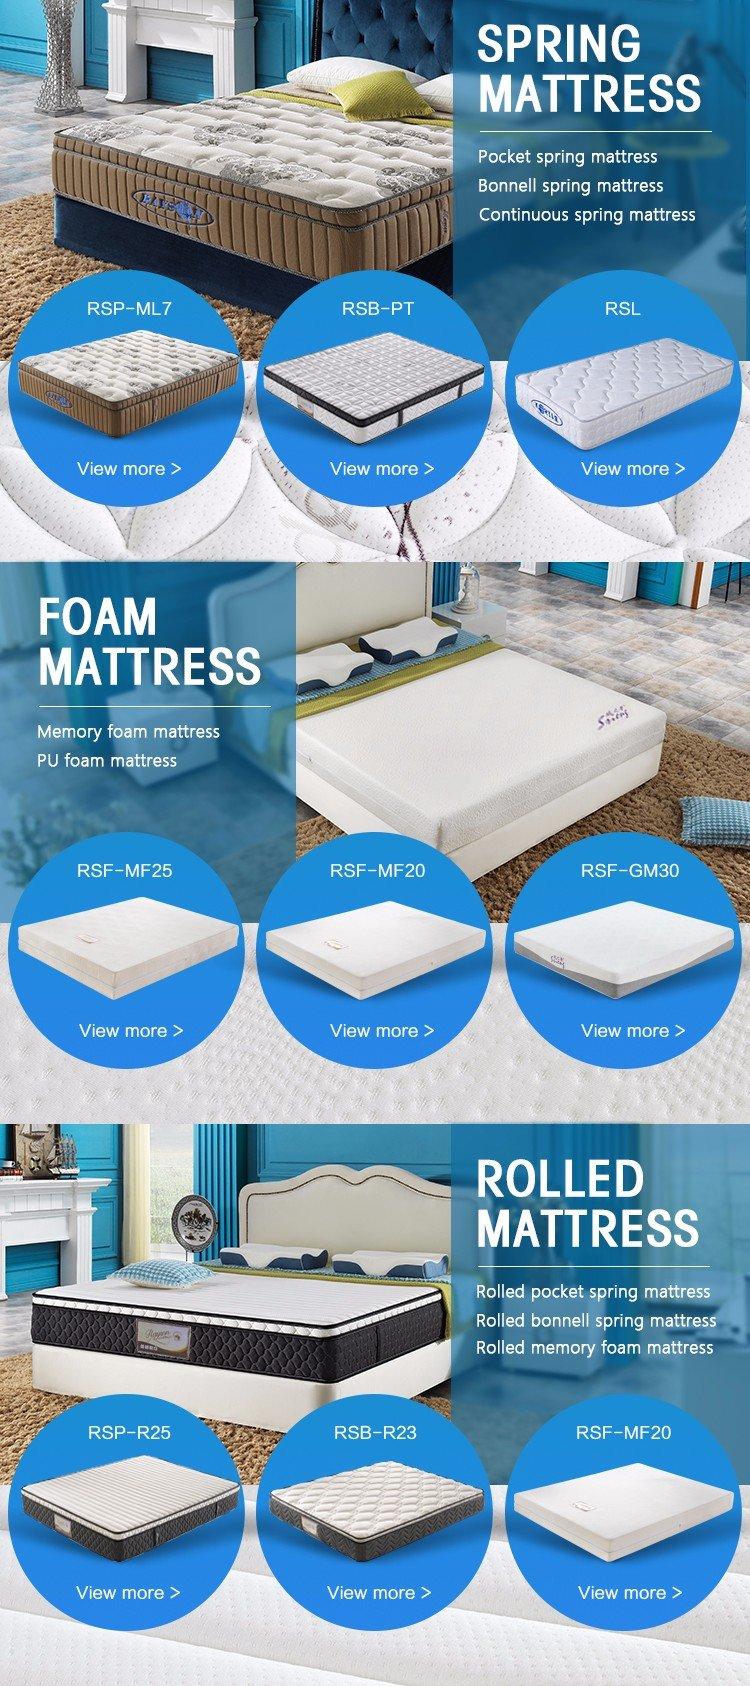 Rayson Mattress foam 3000 pocket sprung mattress super king size Suppliers-9